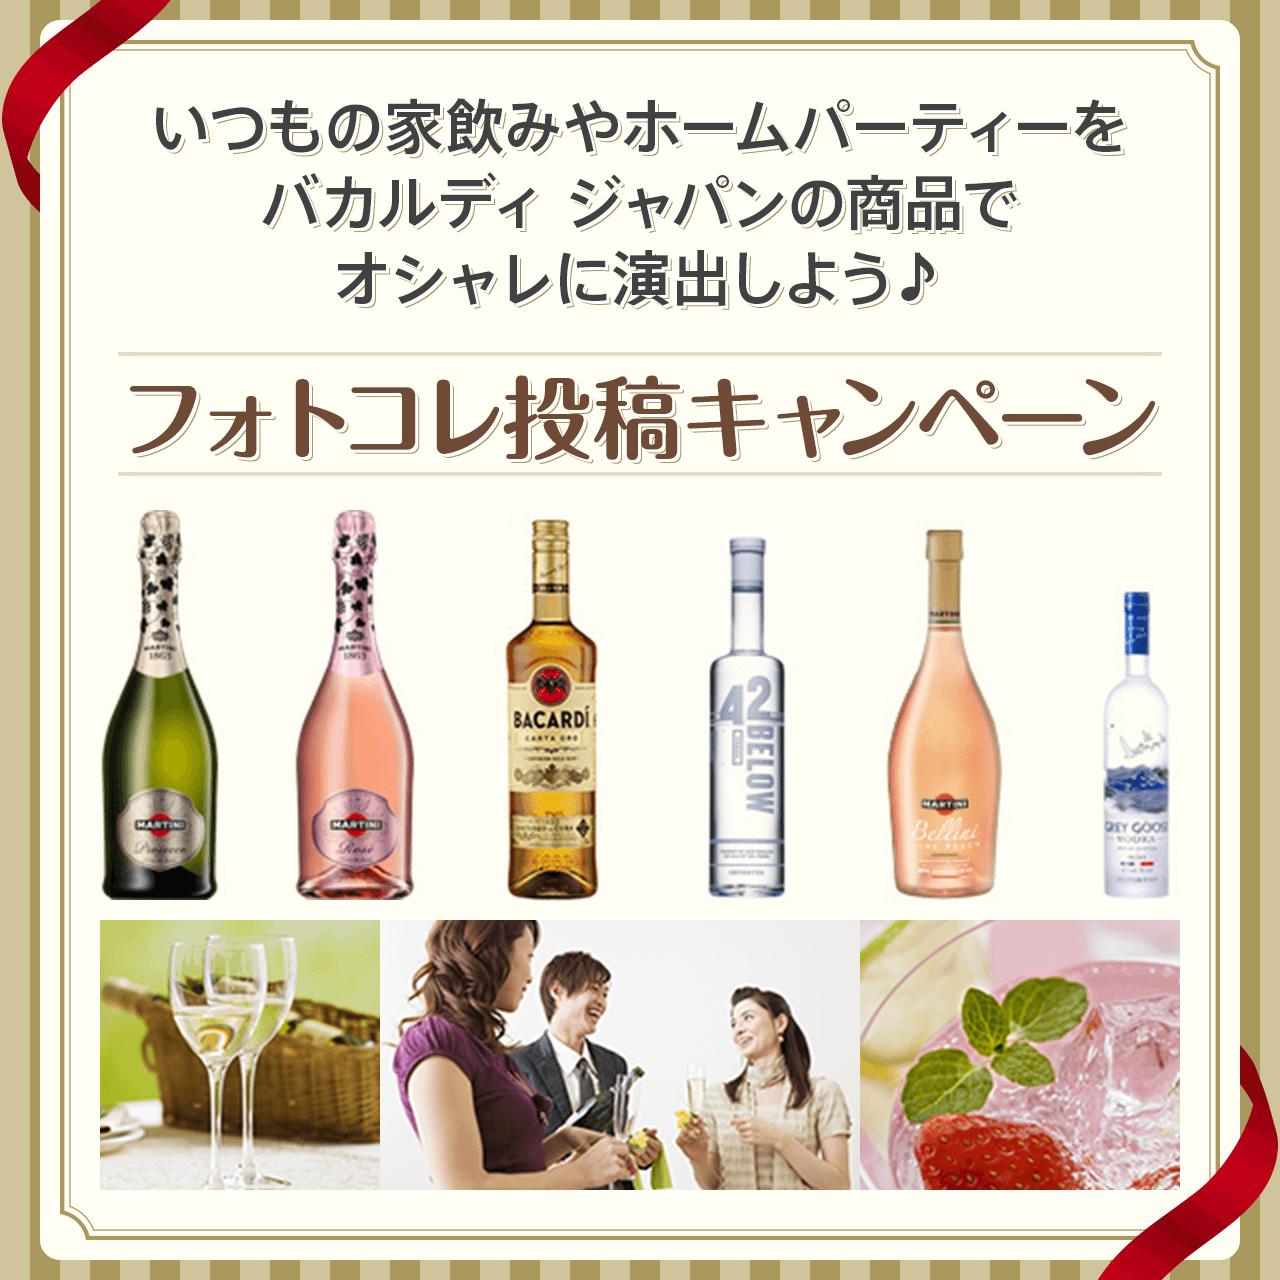 いつもの家飲みやホームパーティーをバカルディ ジャパンの商品でオシャレに演出しよう♪ フォトコレ投稿キャンペーン